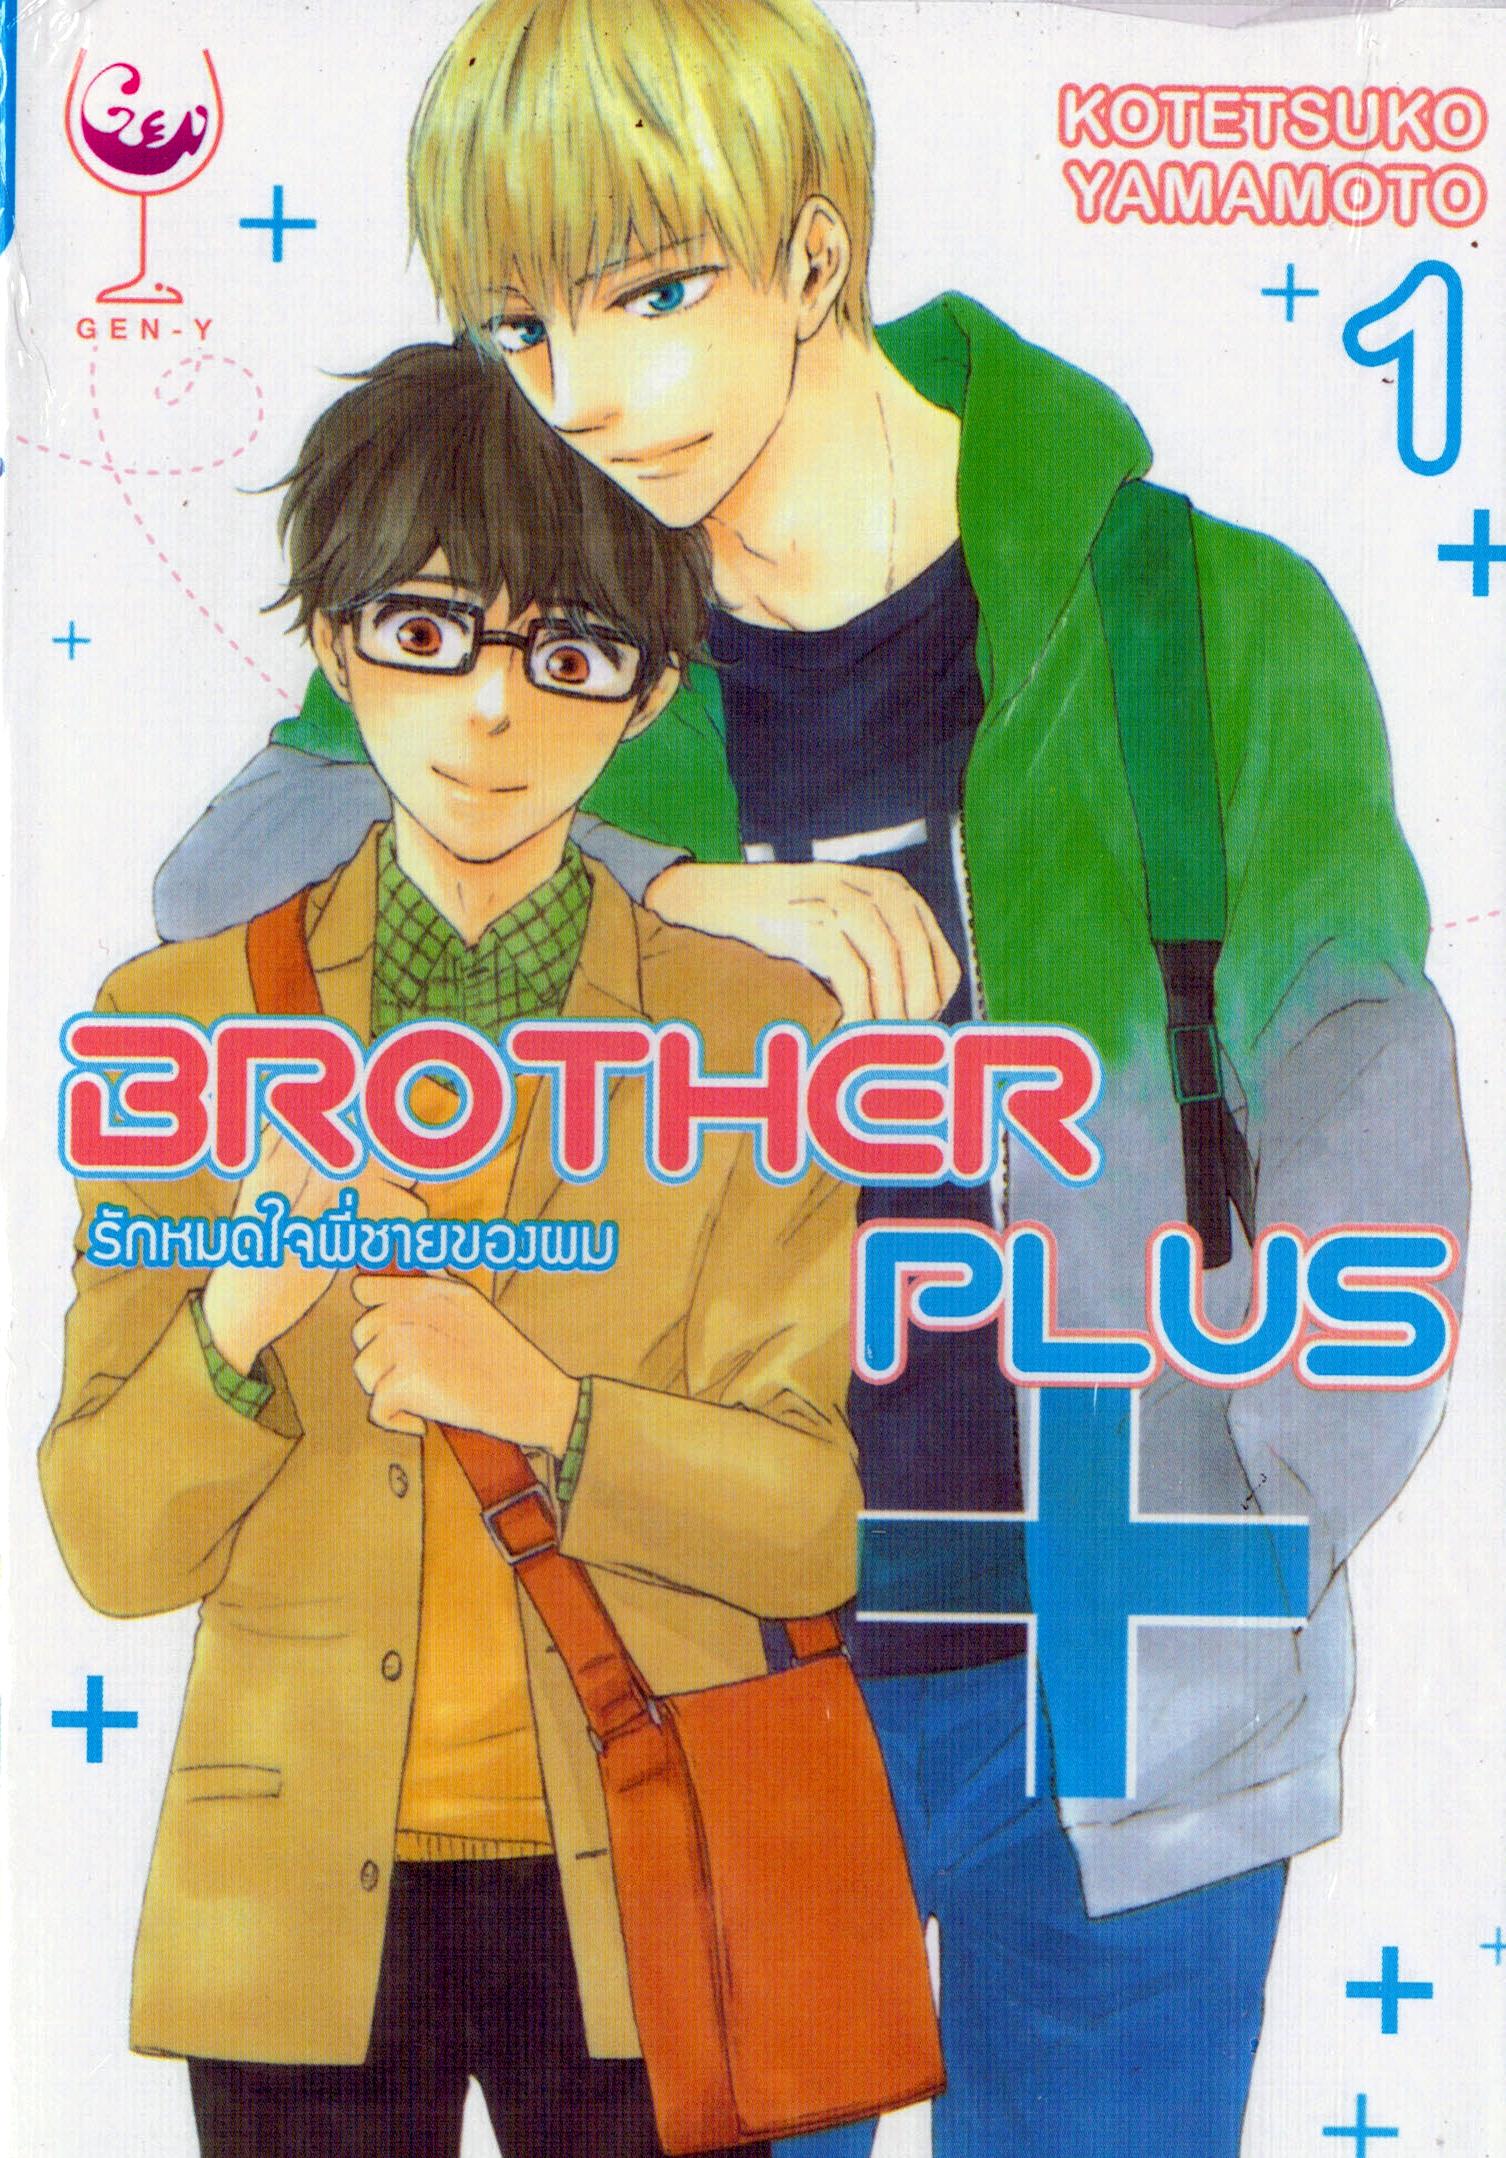 รักหมดใจพี่ชายของผม BROTHER PLUS + เล่ม 01: KOTETSUKO YAMAMOTO